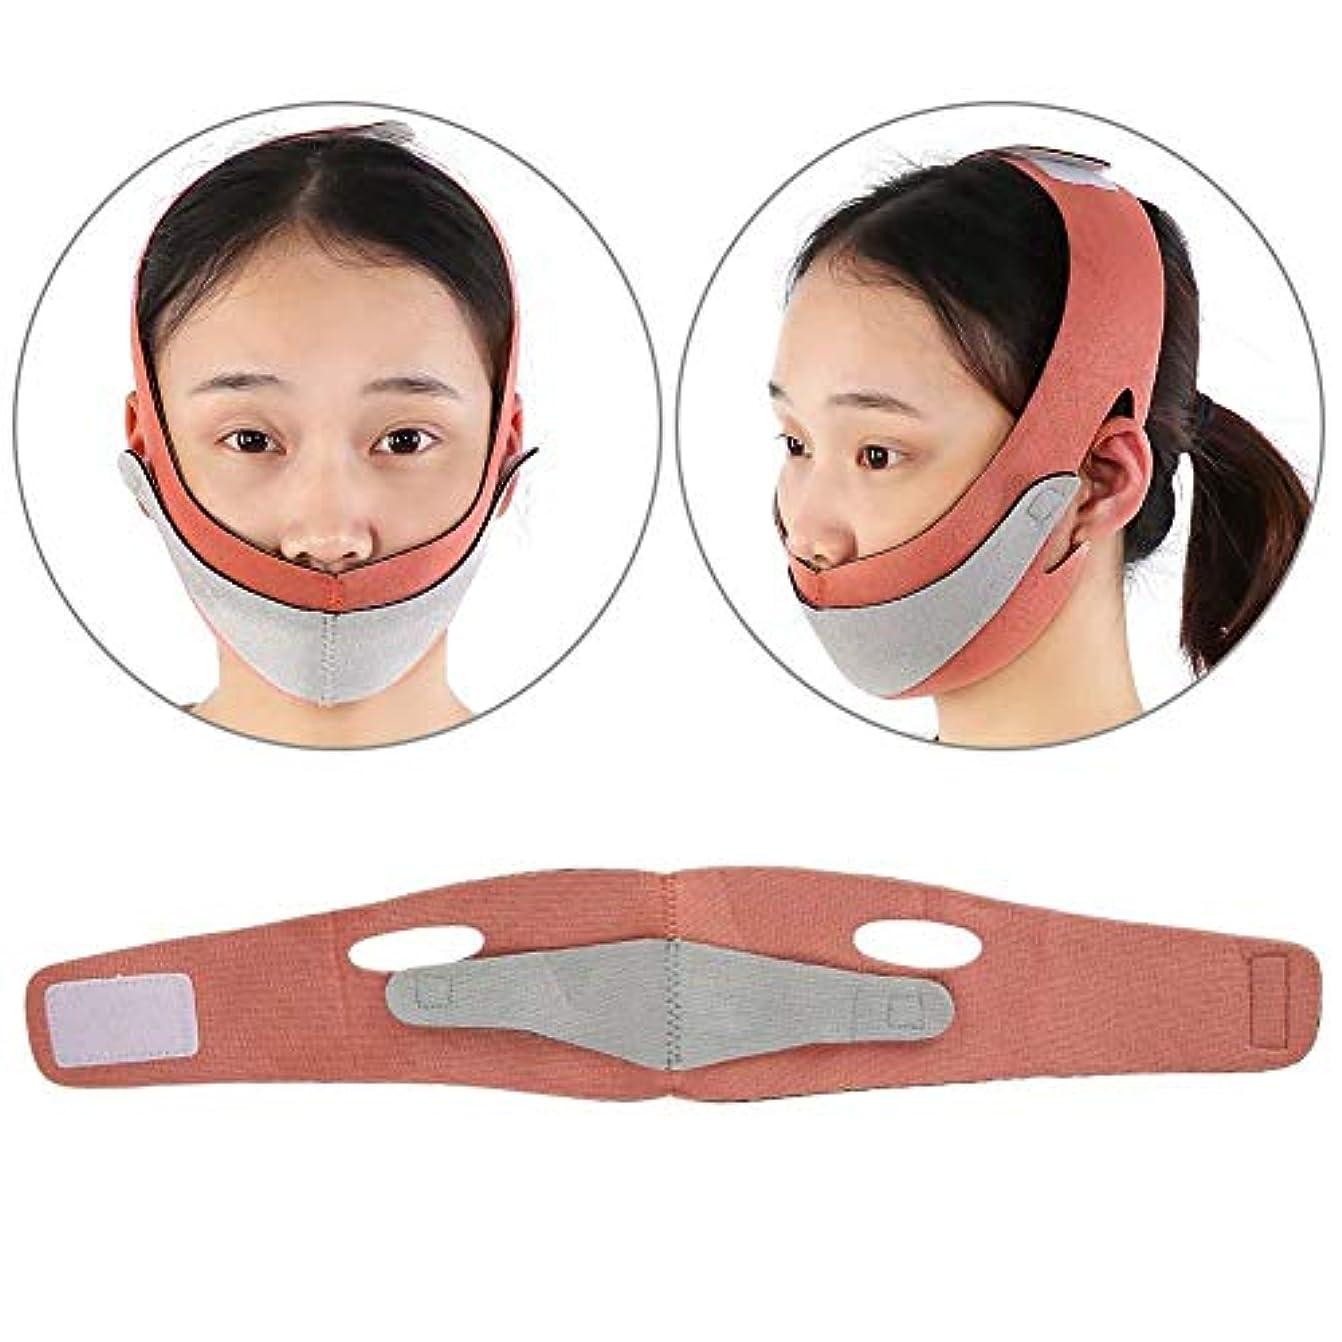 法律によりグリーンバック群衆顔の輪郭を改善し、二重あご、脂肪蓄積、筋肉弛緩を効果的に改善するためのVフェイス美容包帯(02)